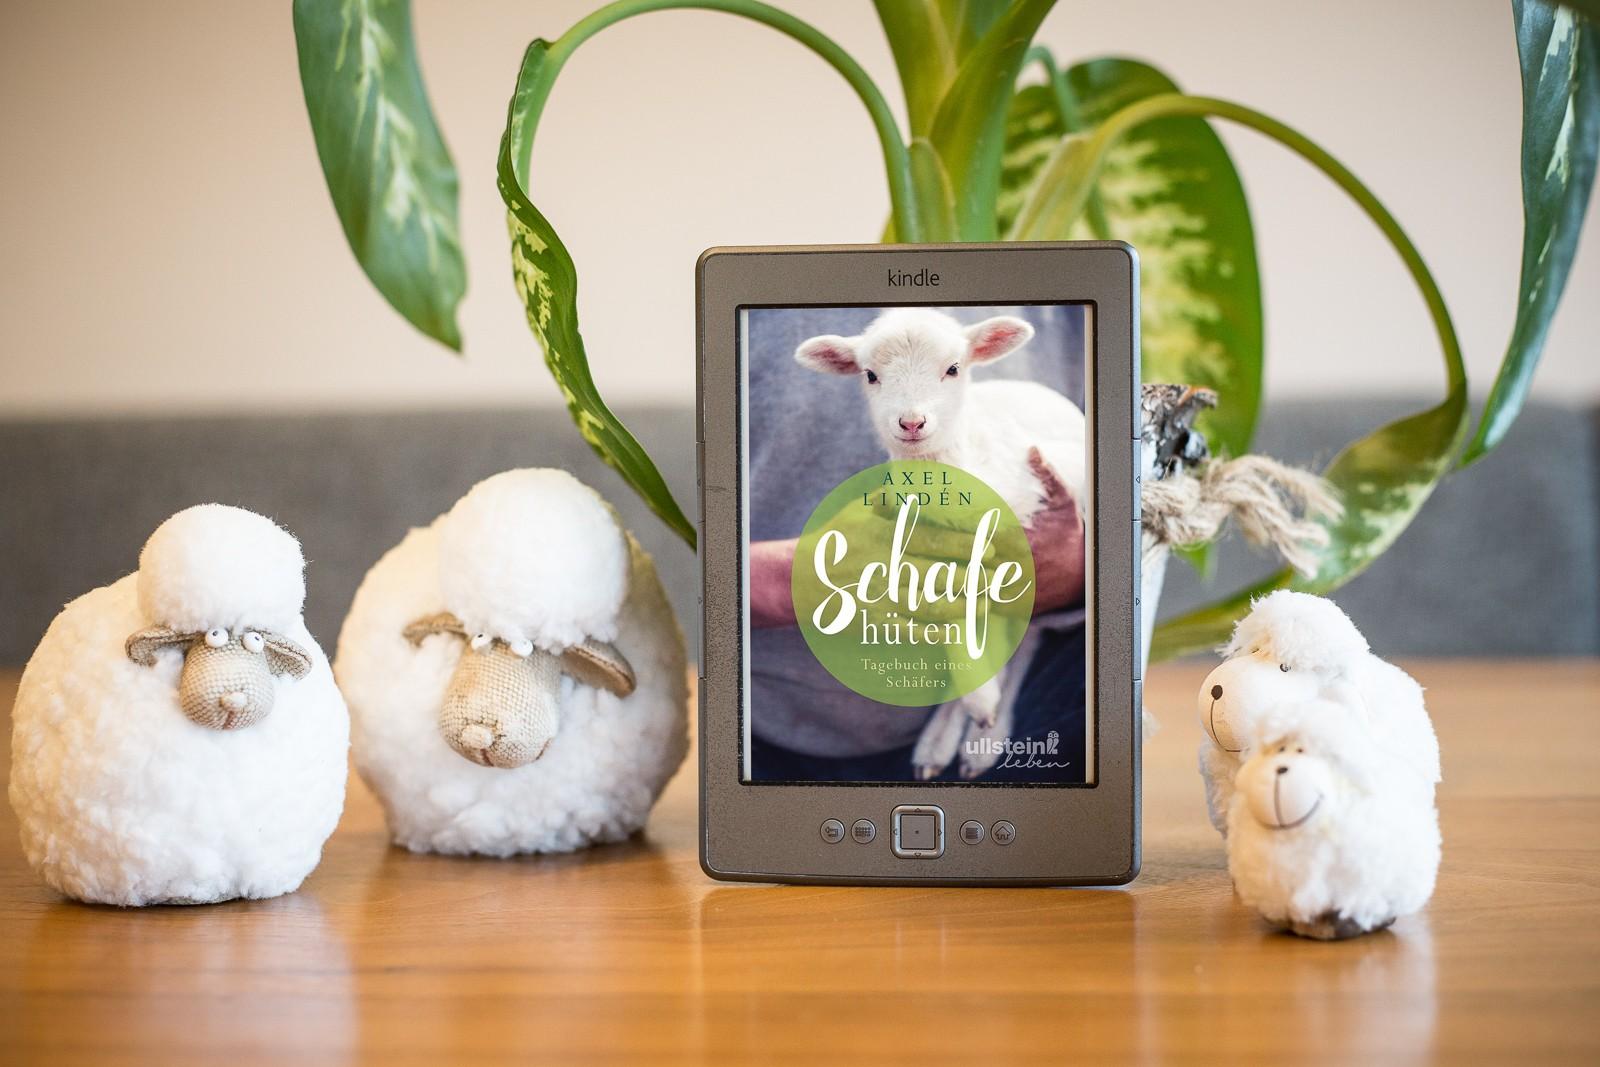 Schafe hüten - Alex Linden